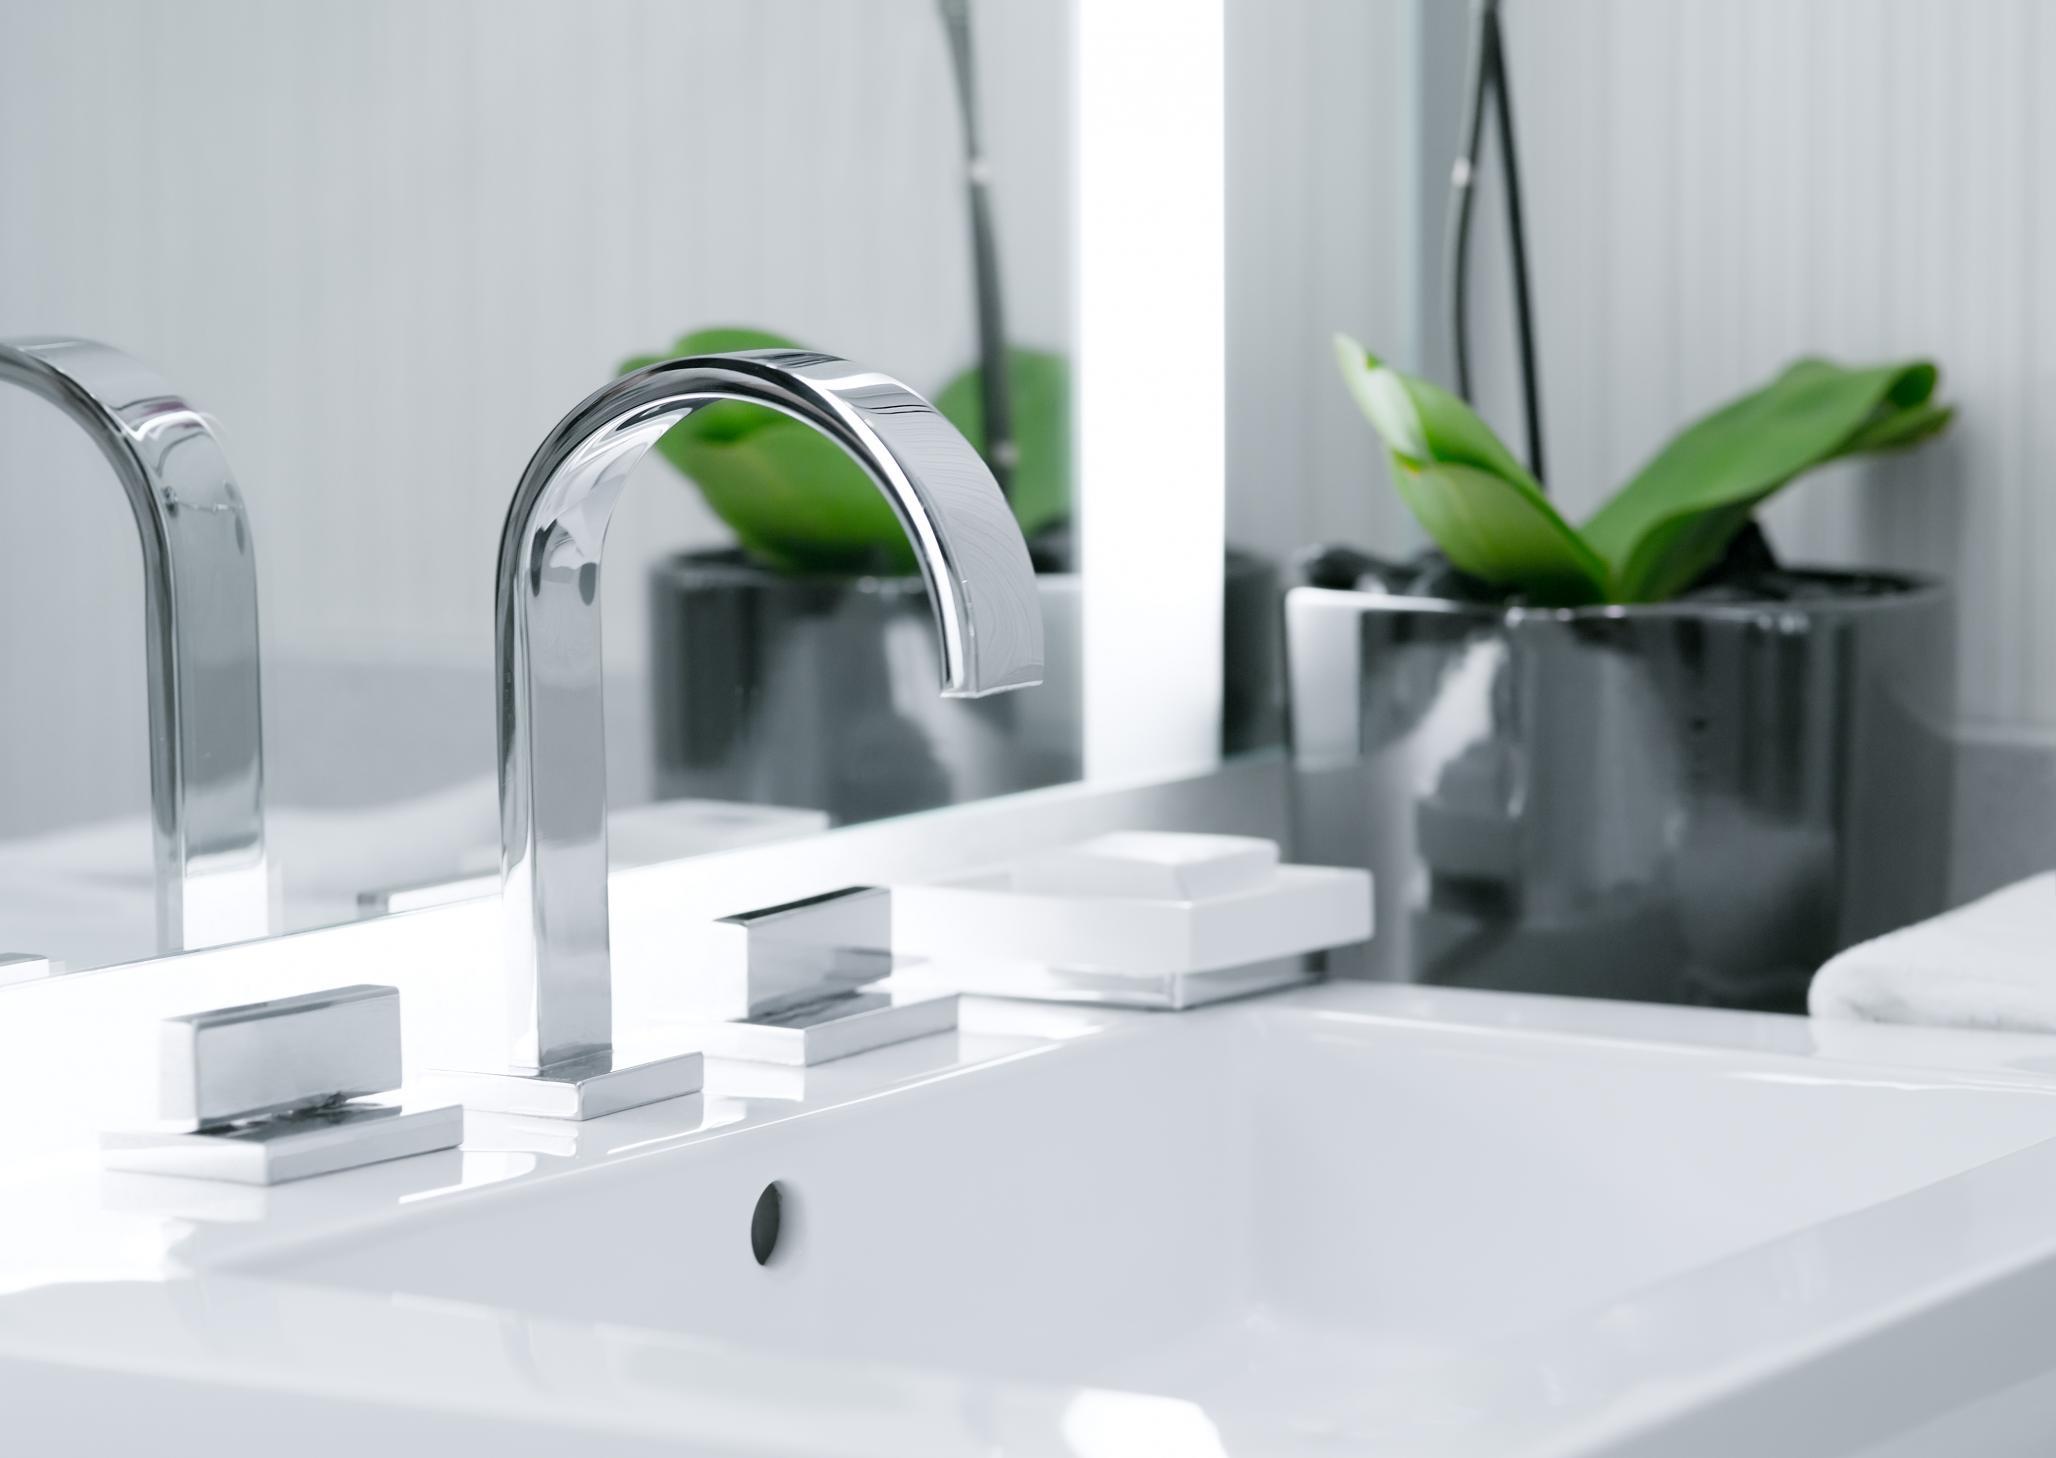 Bathroom Faucet Service & Repair - Raleigh Plumbers | Golden Rule ...